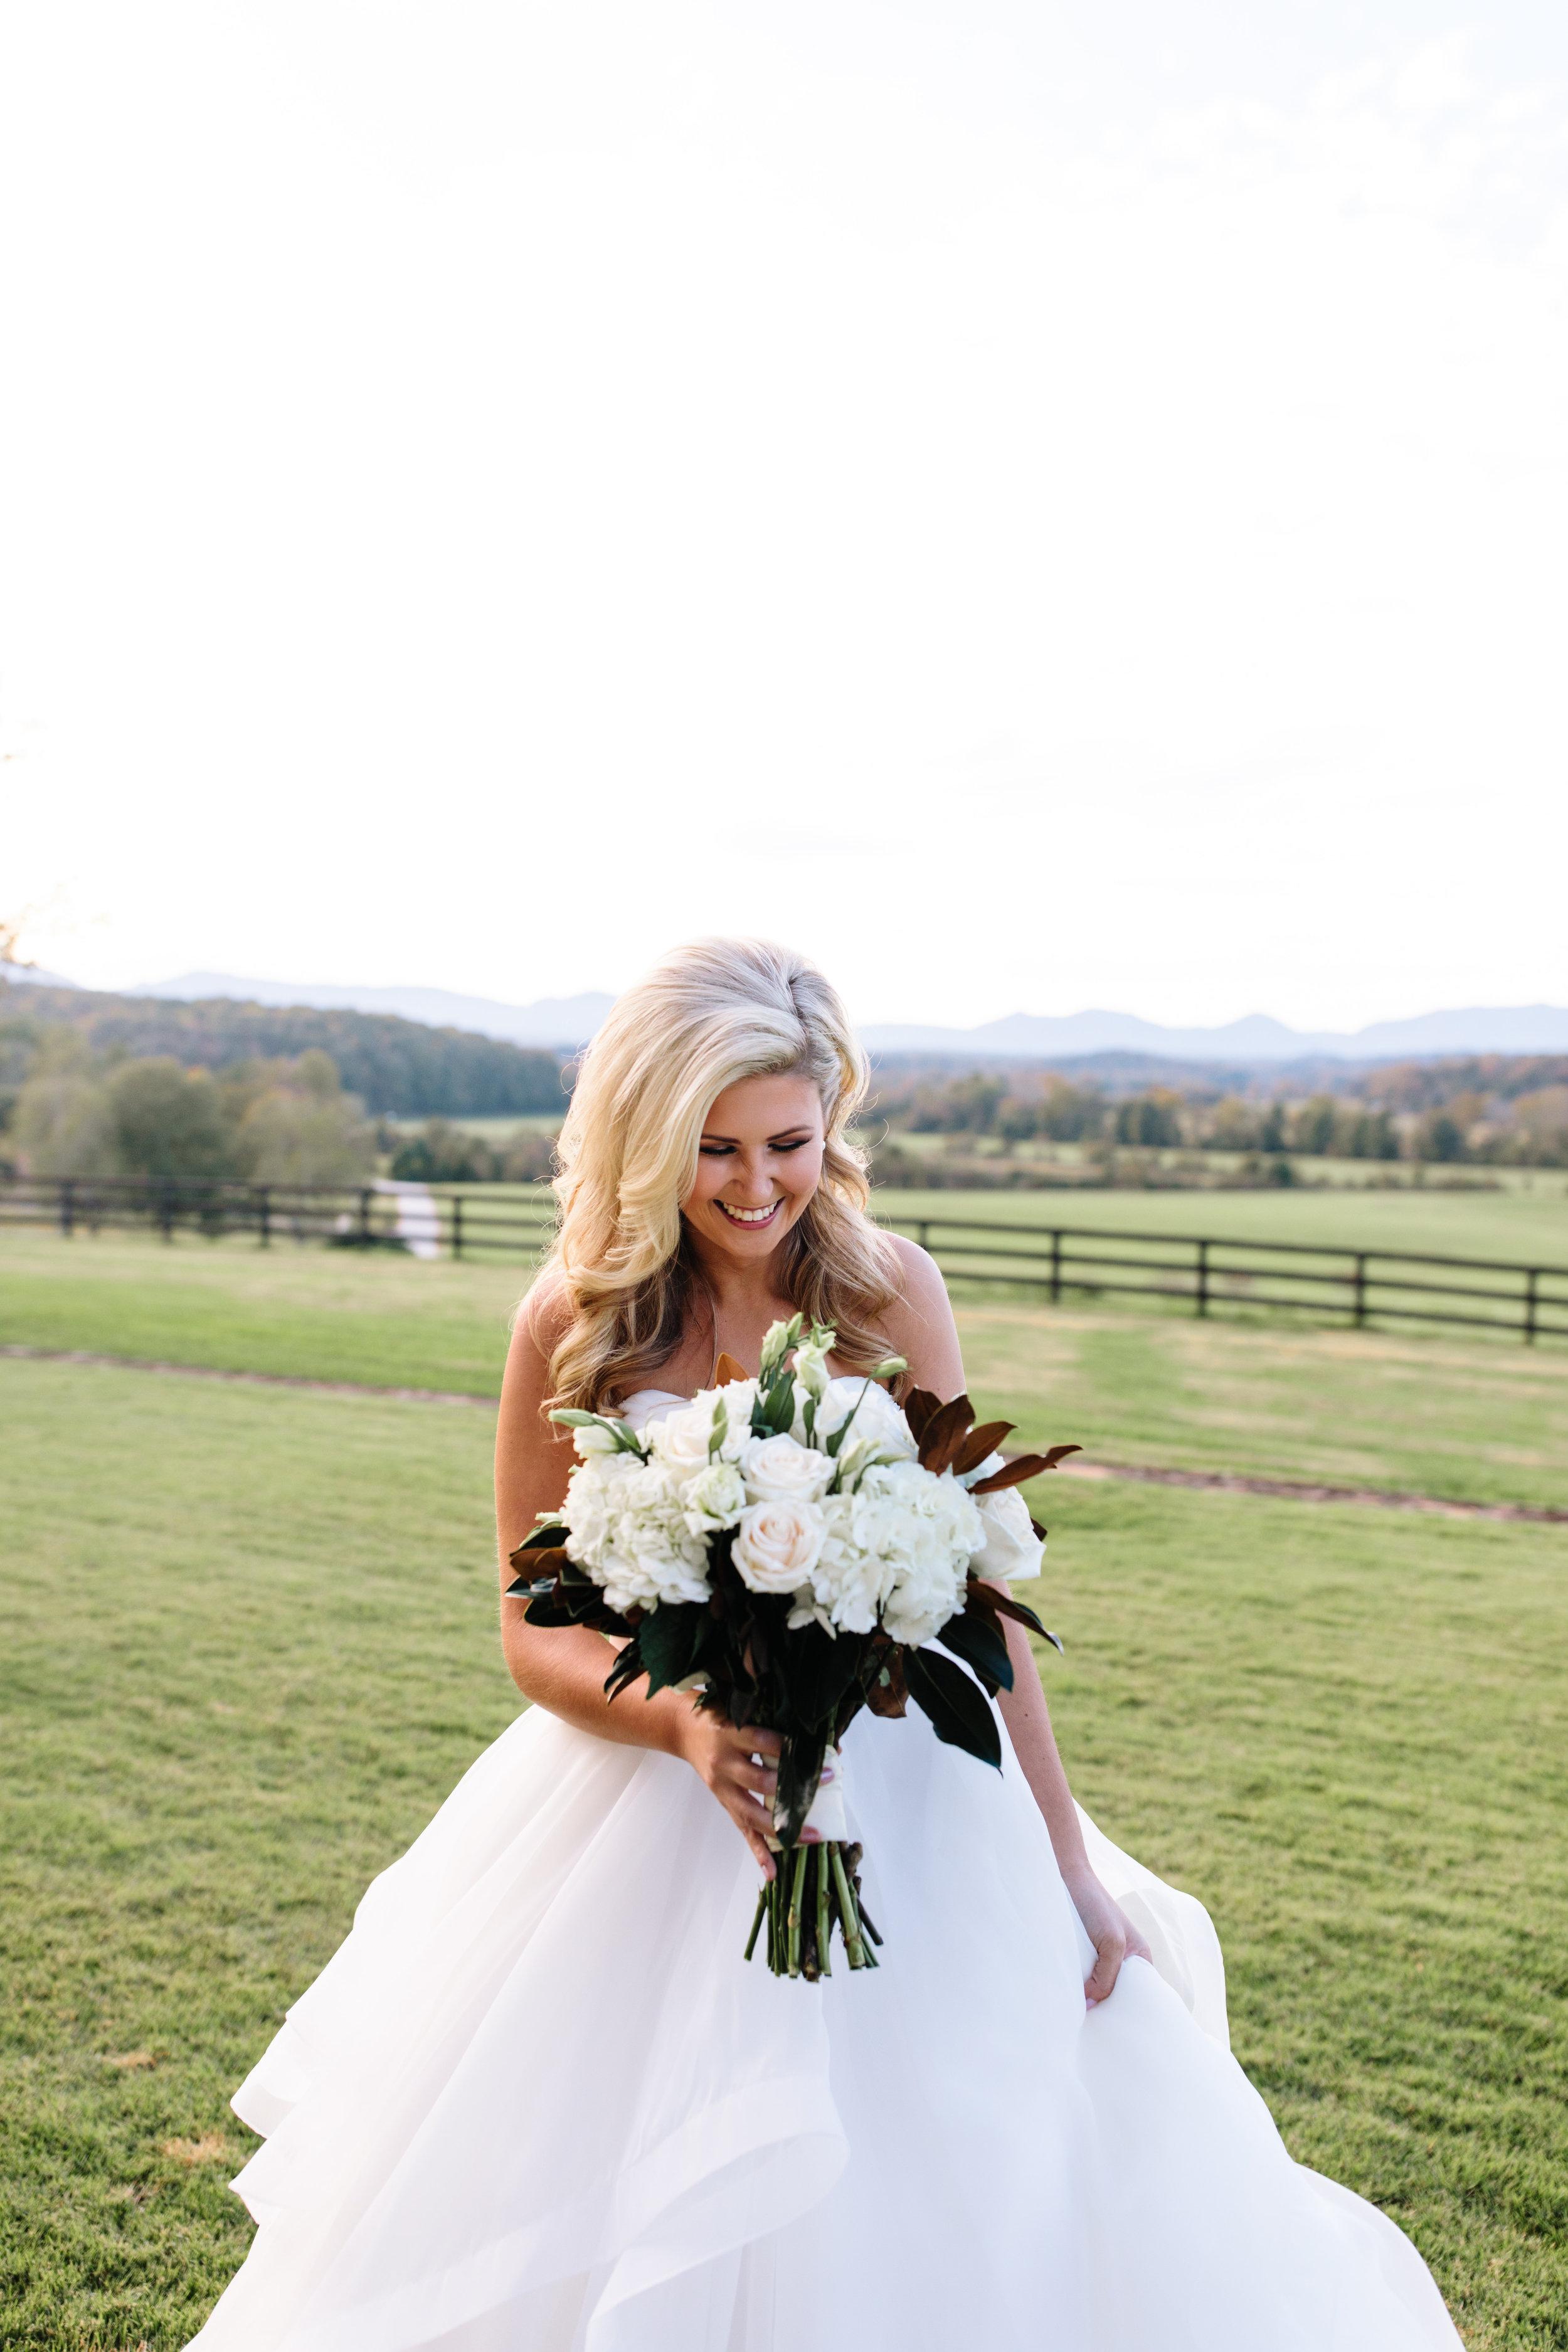 Leanna_Bridals-66.jpg